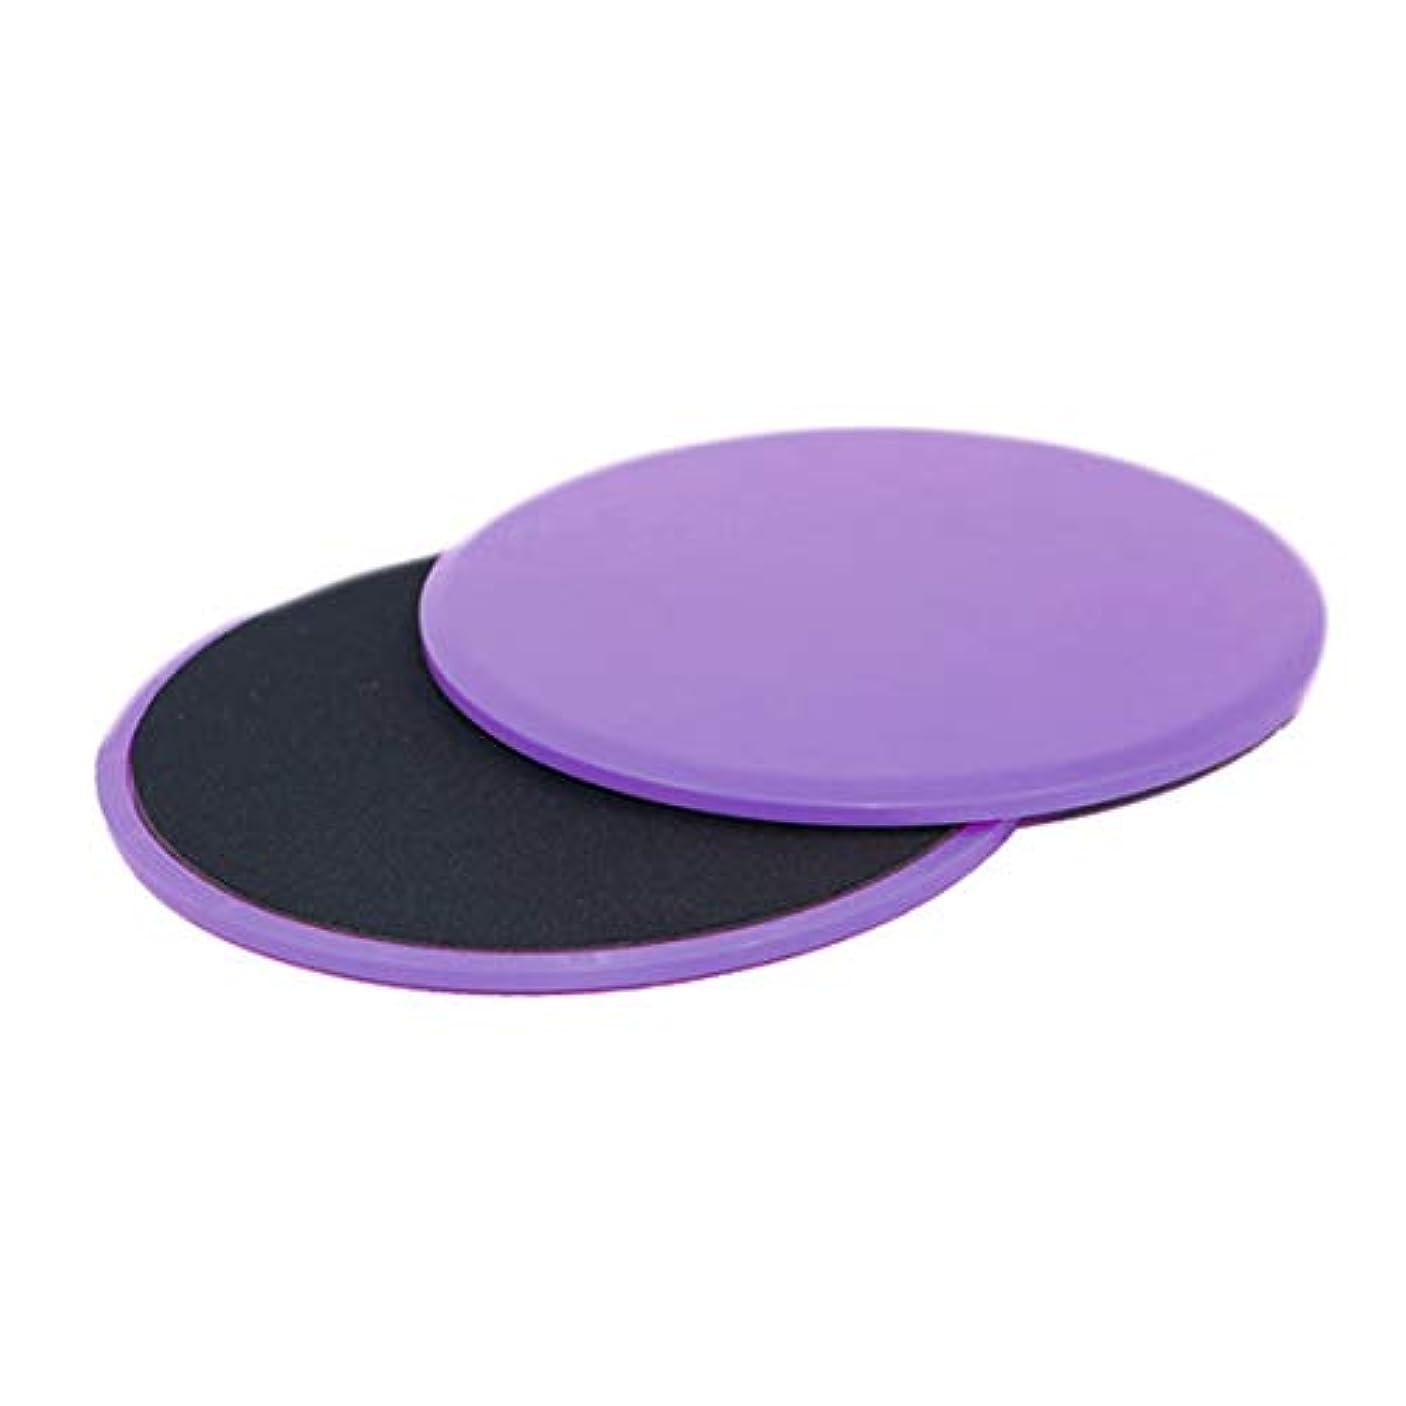 寸法エラー色フィットネススライドグライダーディスク調整能力フィットネスエクササイズスライダーコアトレーニング腹部および全身トレーニング-パープル